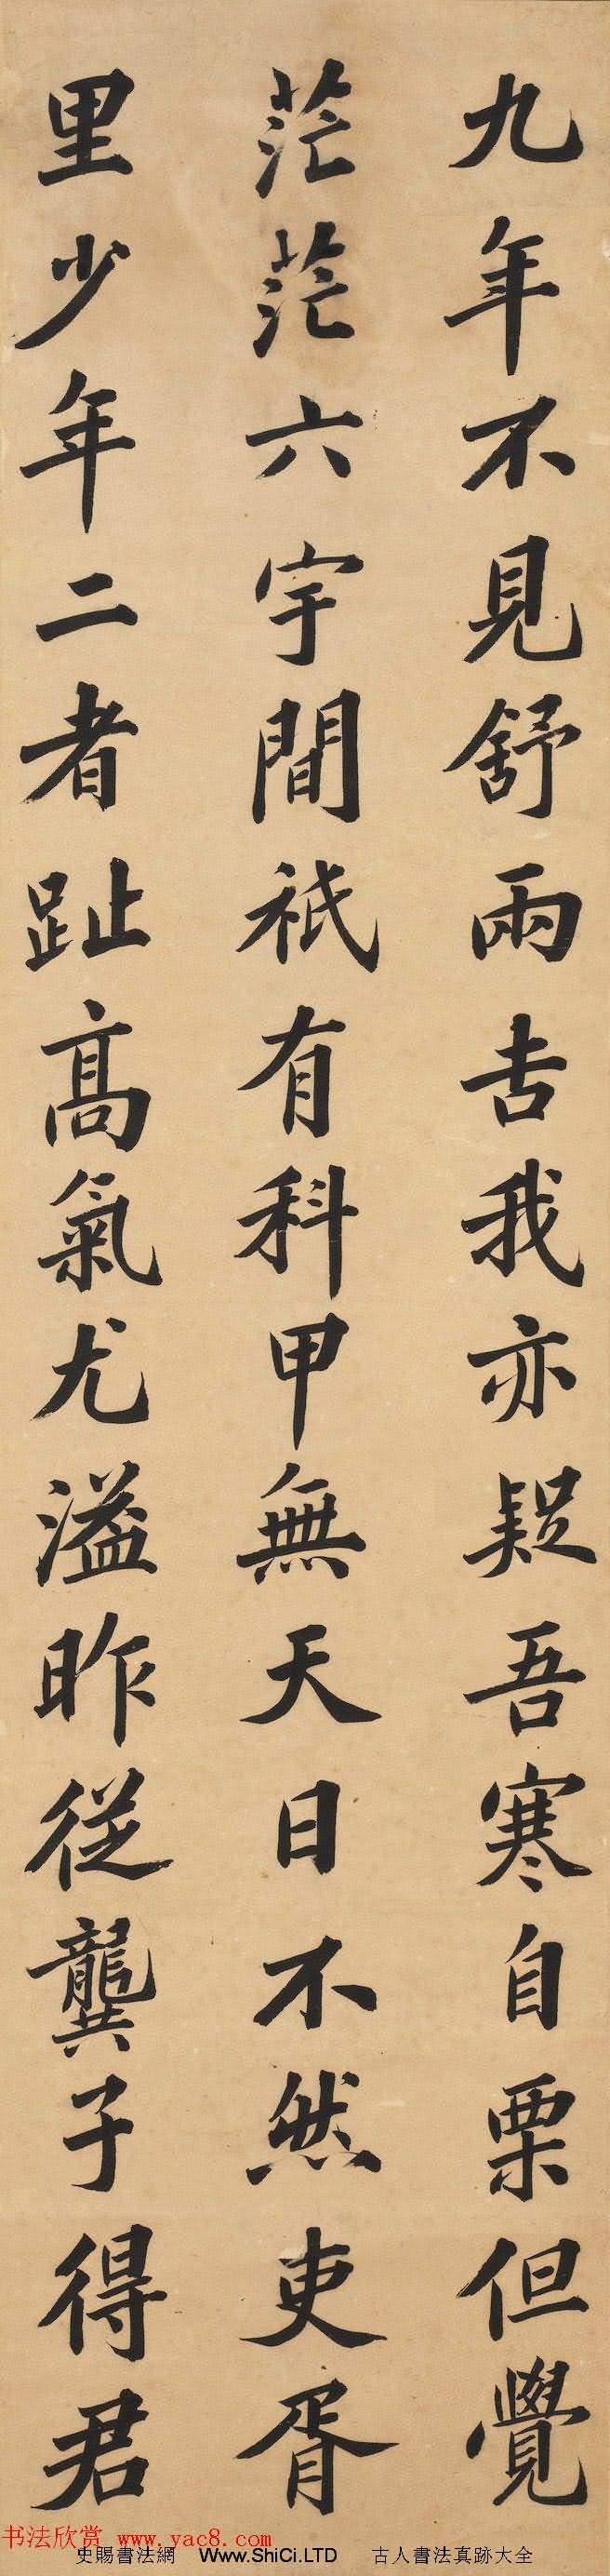 清代林則徐大楷精品《錄沈大悟詩四屏》(共4張圖片)